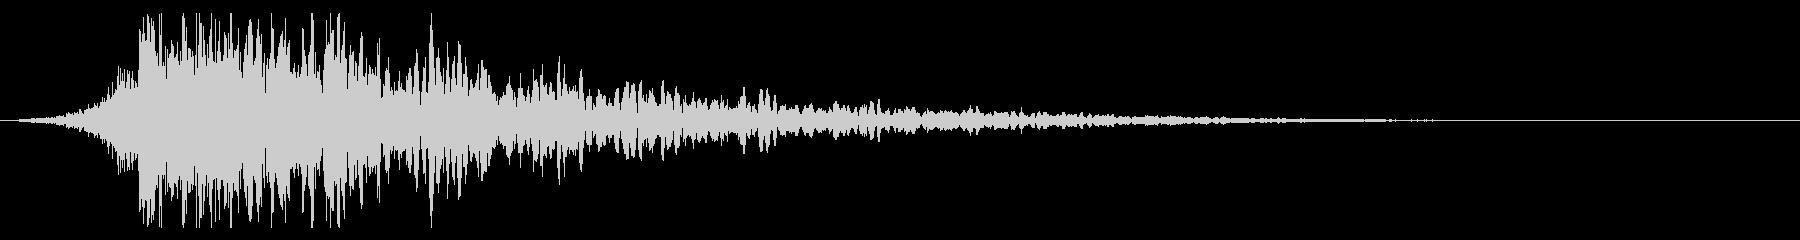 シュードーン-57-1(インパクト音)の未再生の波形